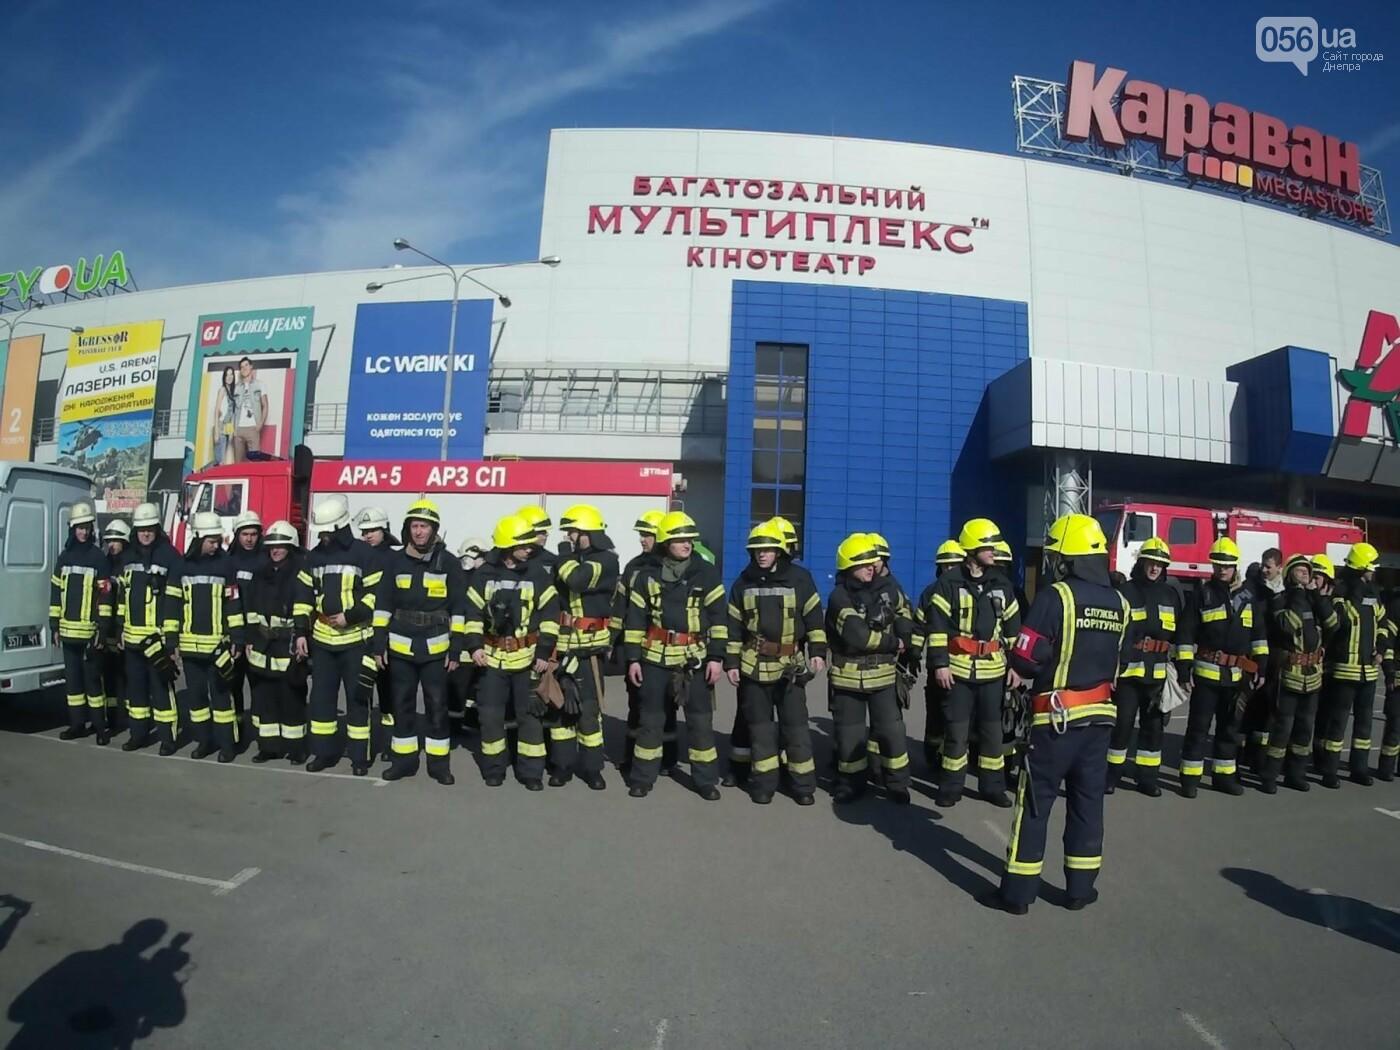 В Днепре спасатели эвакуировали персонал и посетителей из «Каравана» (ФОТО, ВИДЕО), фото-3